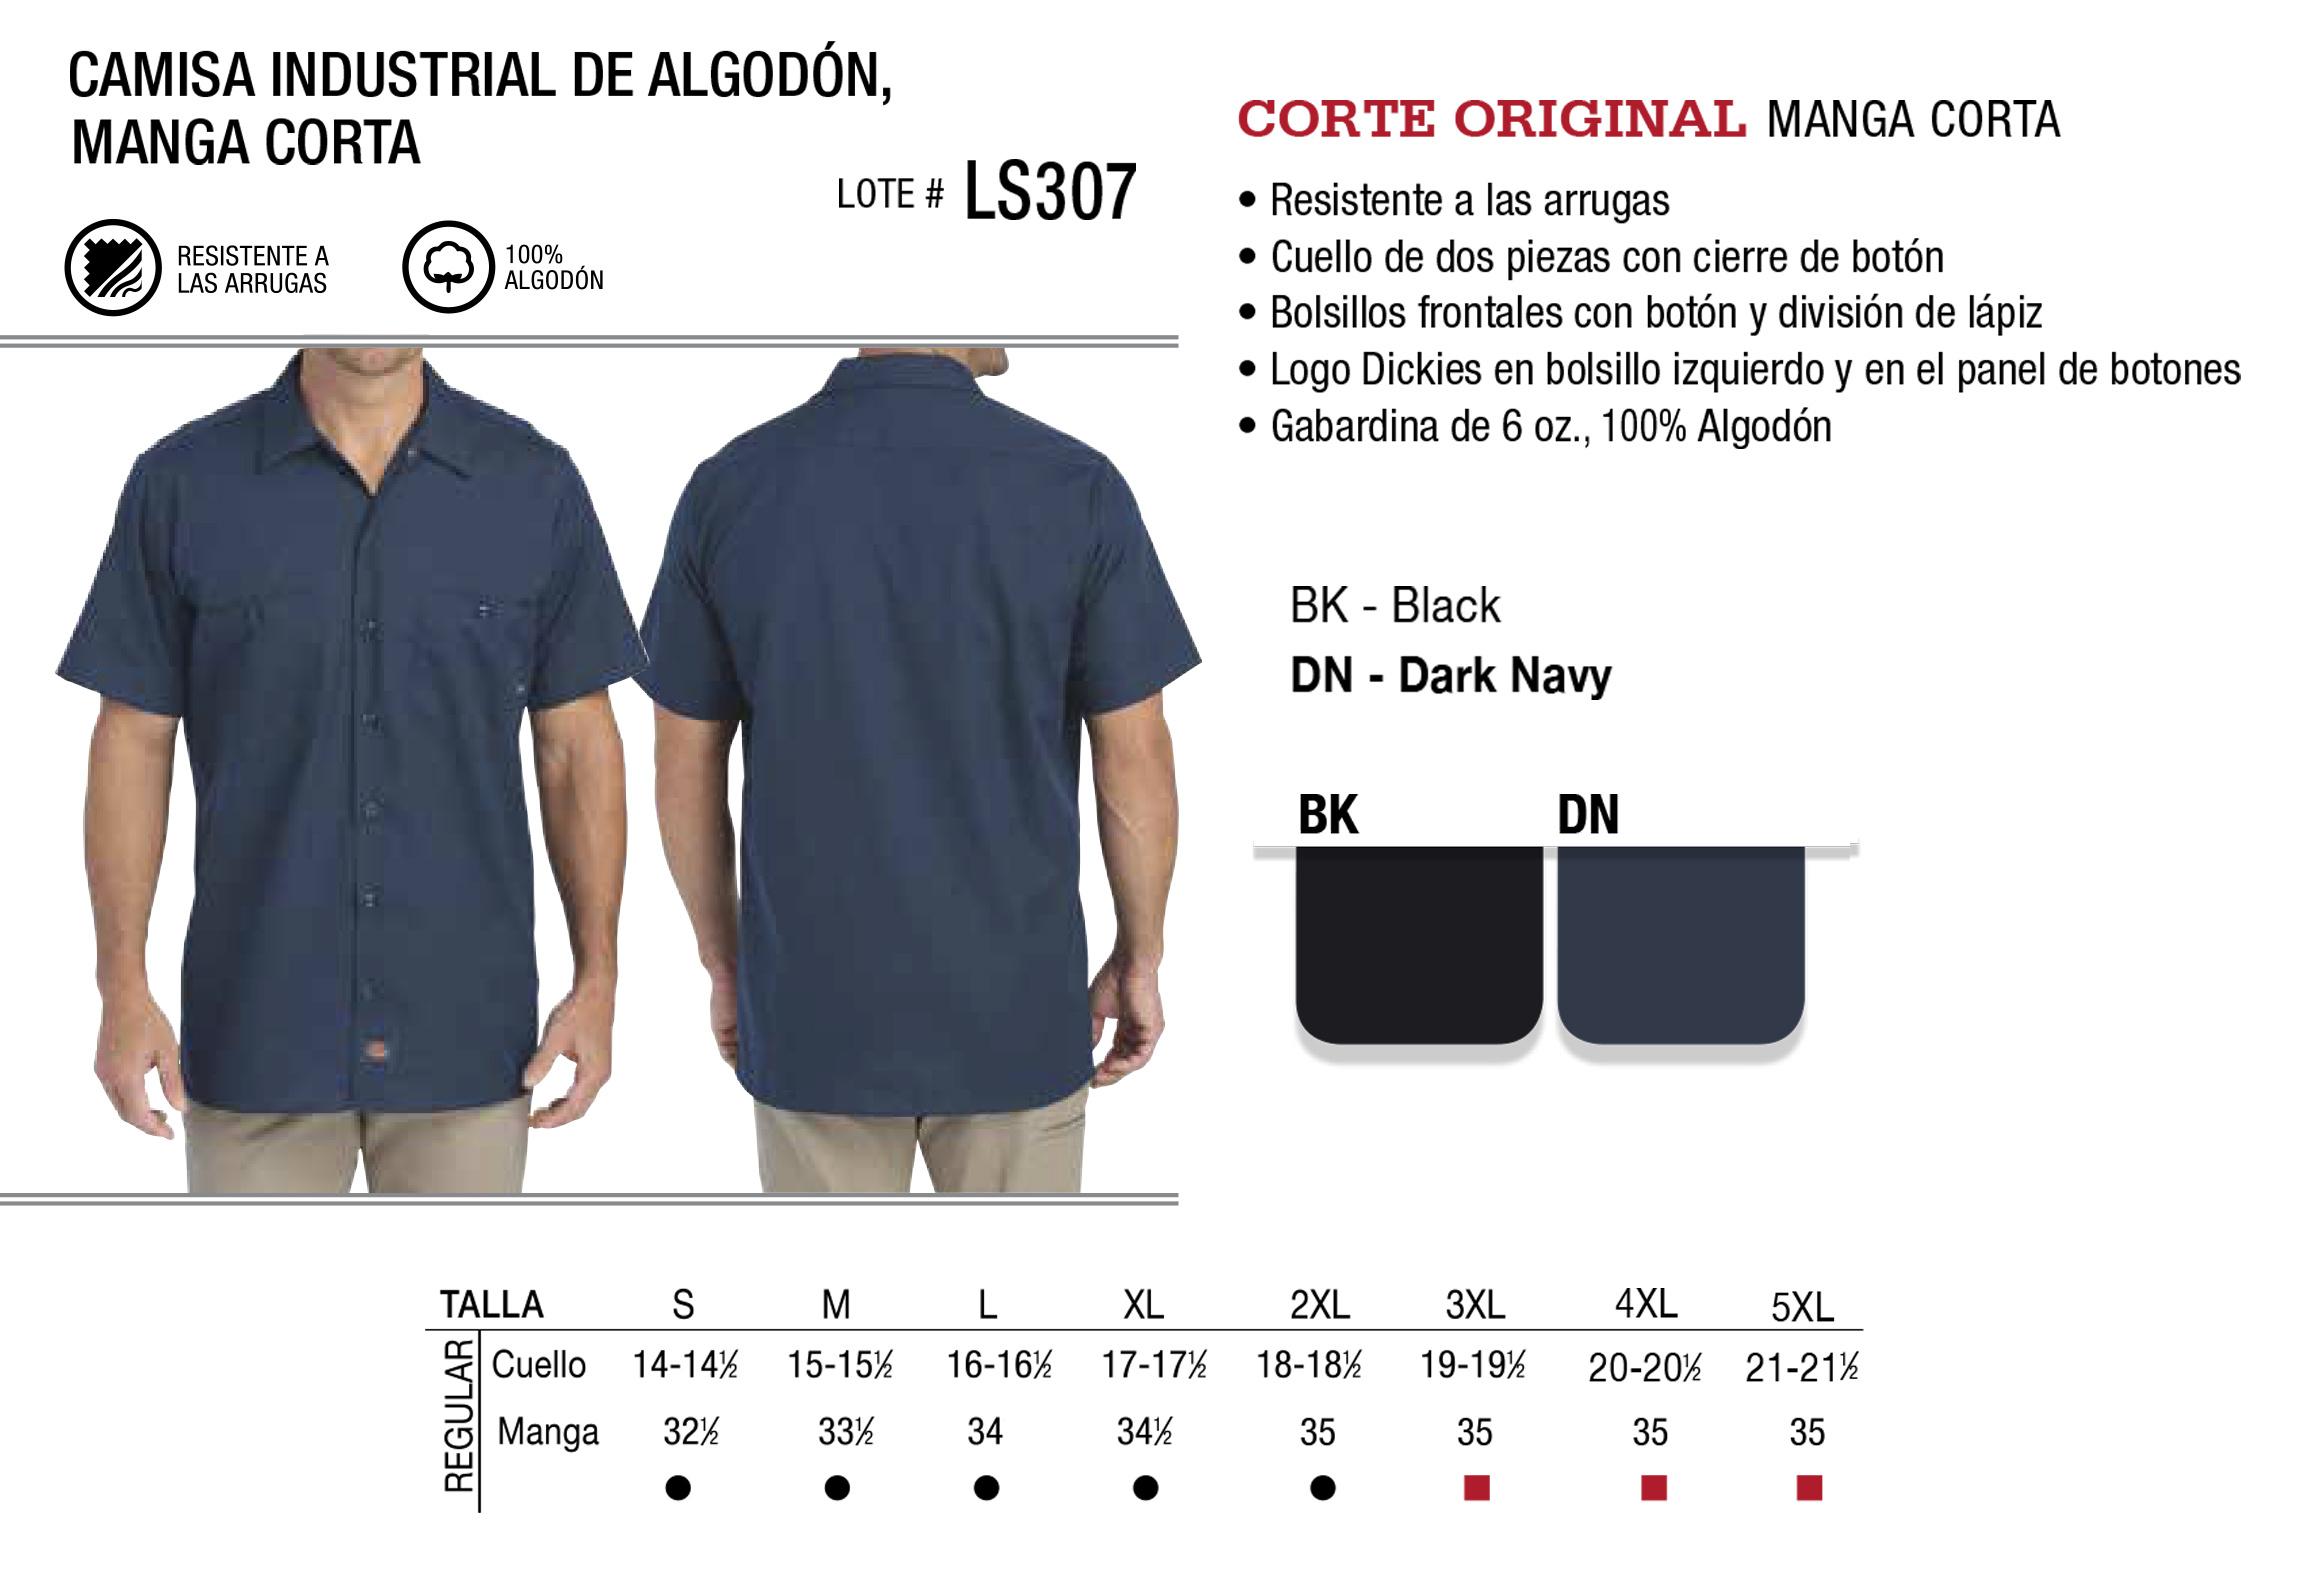 Camisa industrial de algodón. Manga Corta. LS307